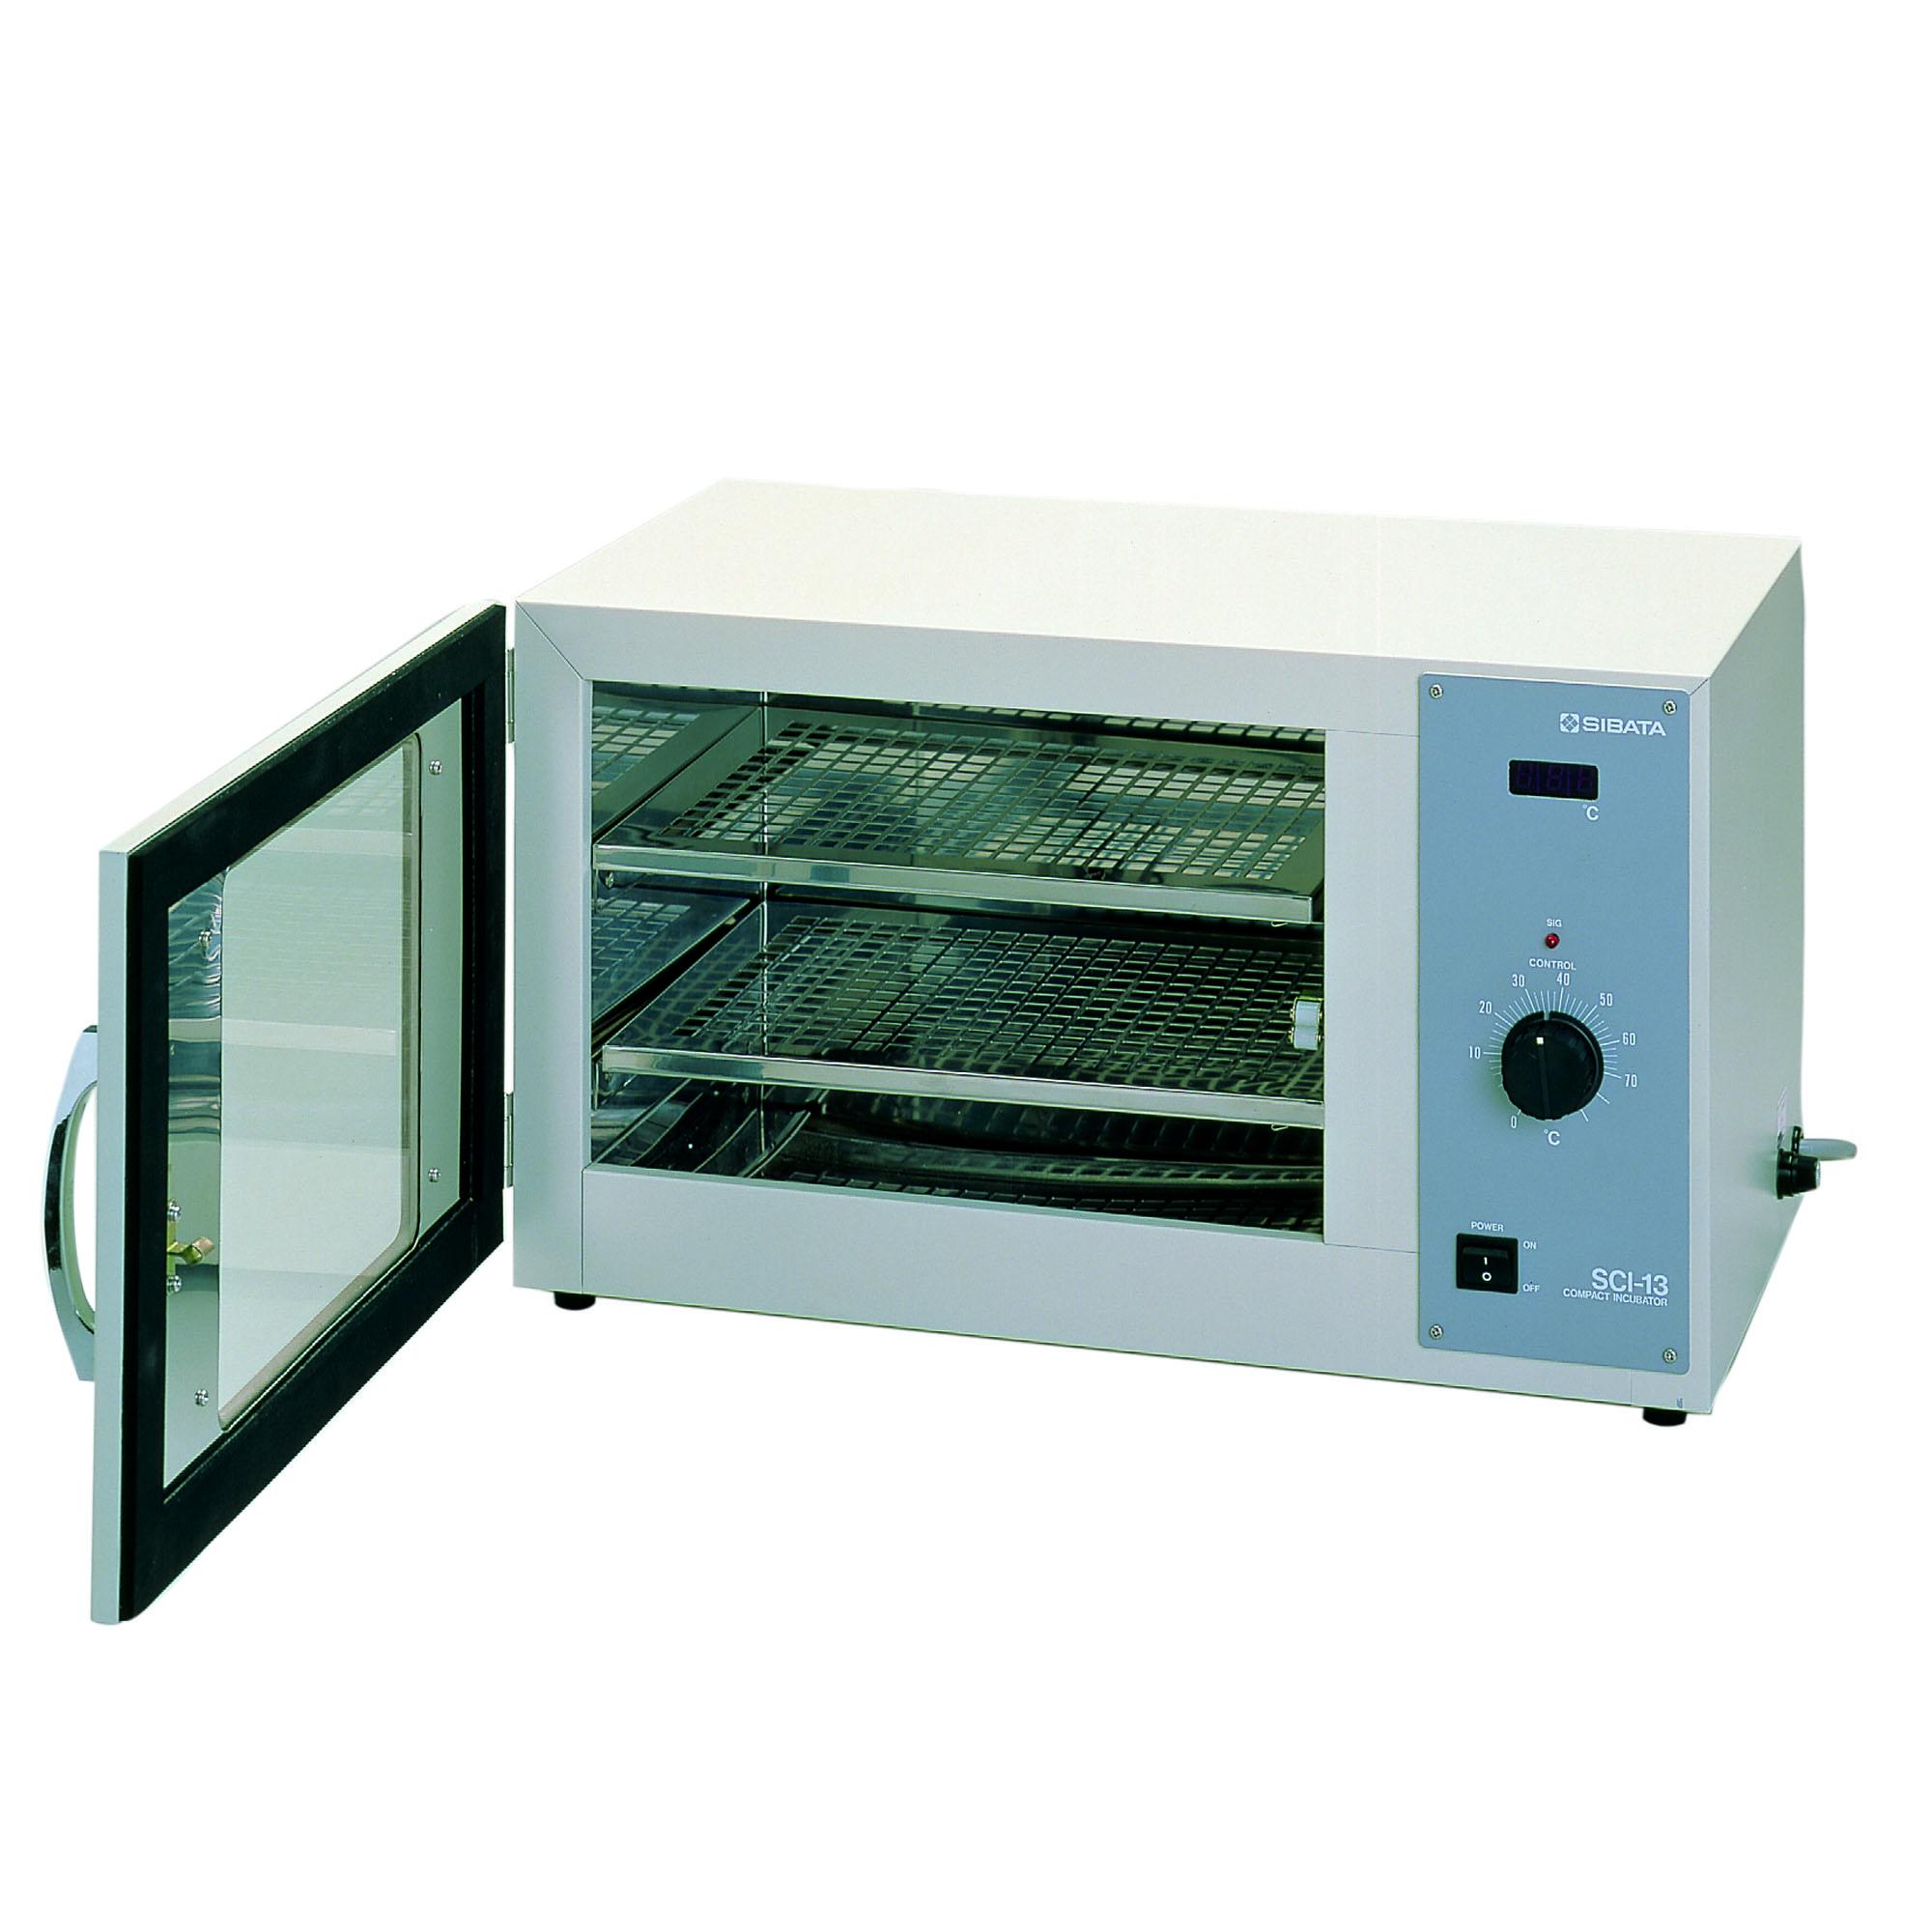 コンパクトインキュベーター SCI-13型